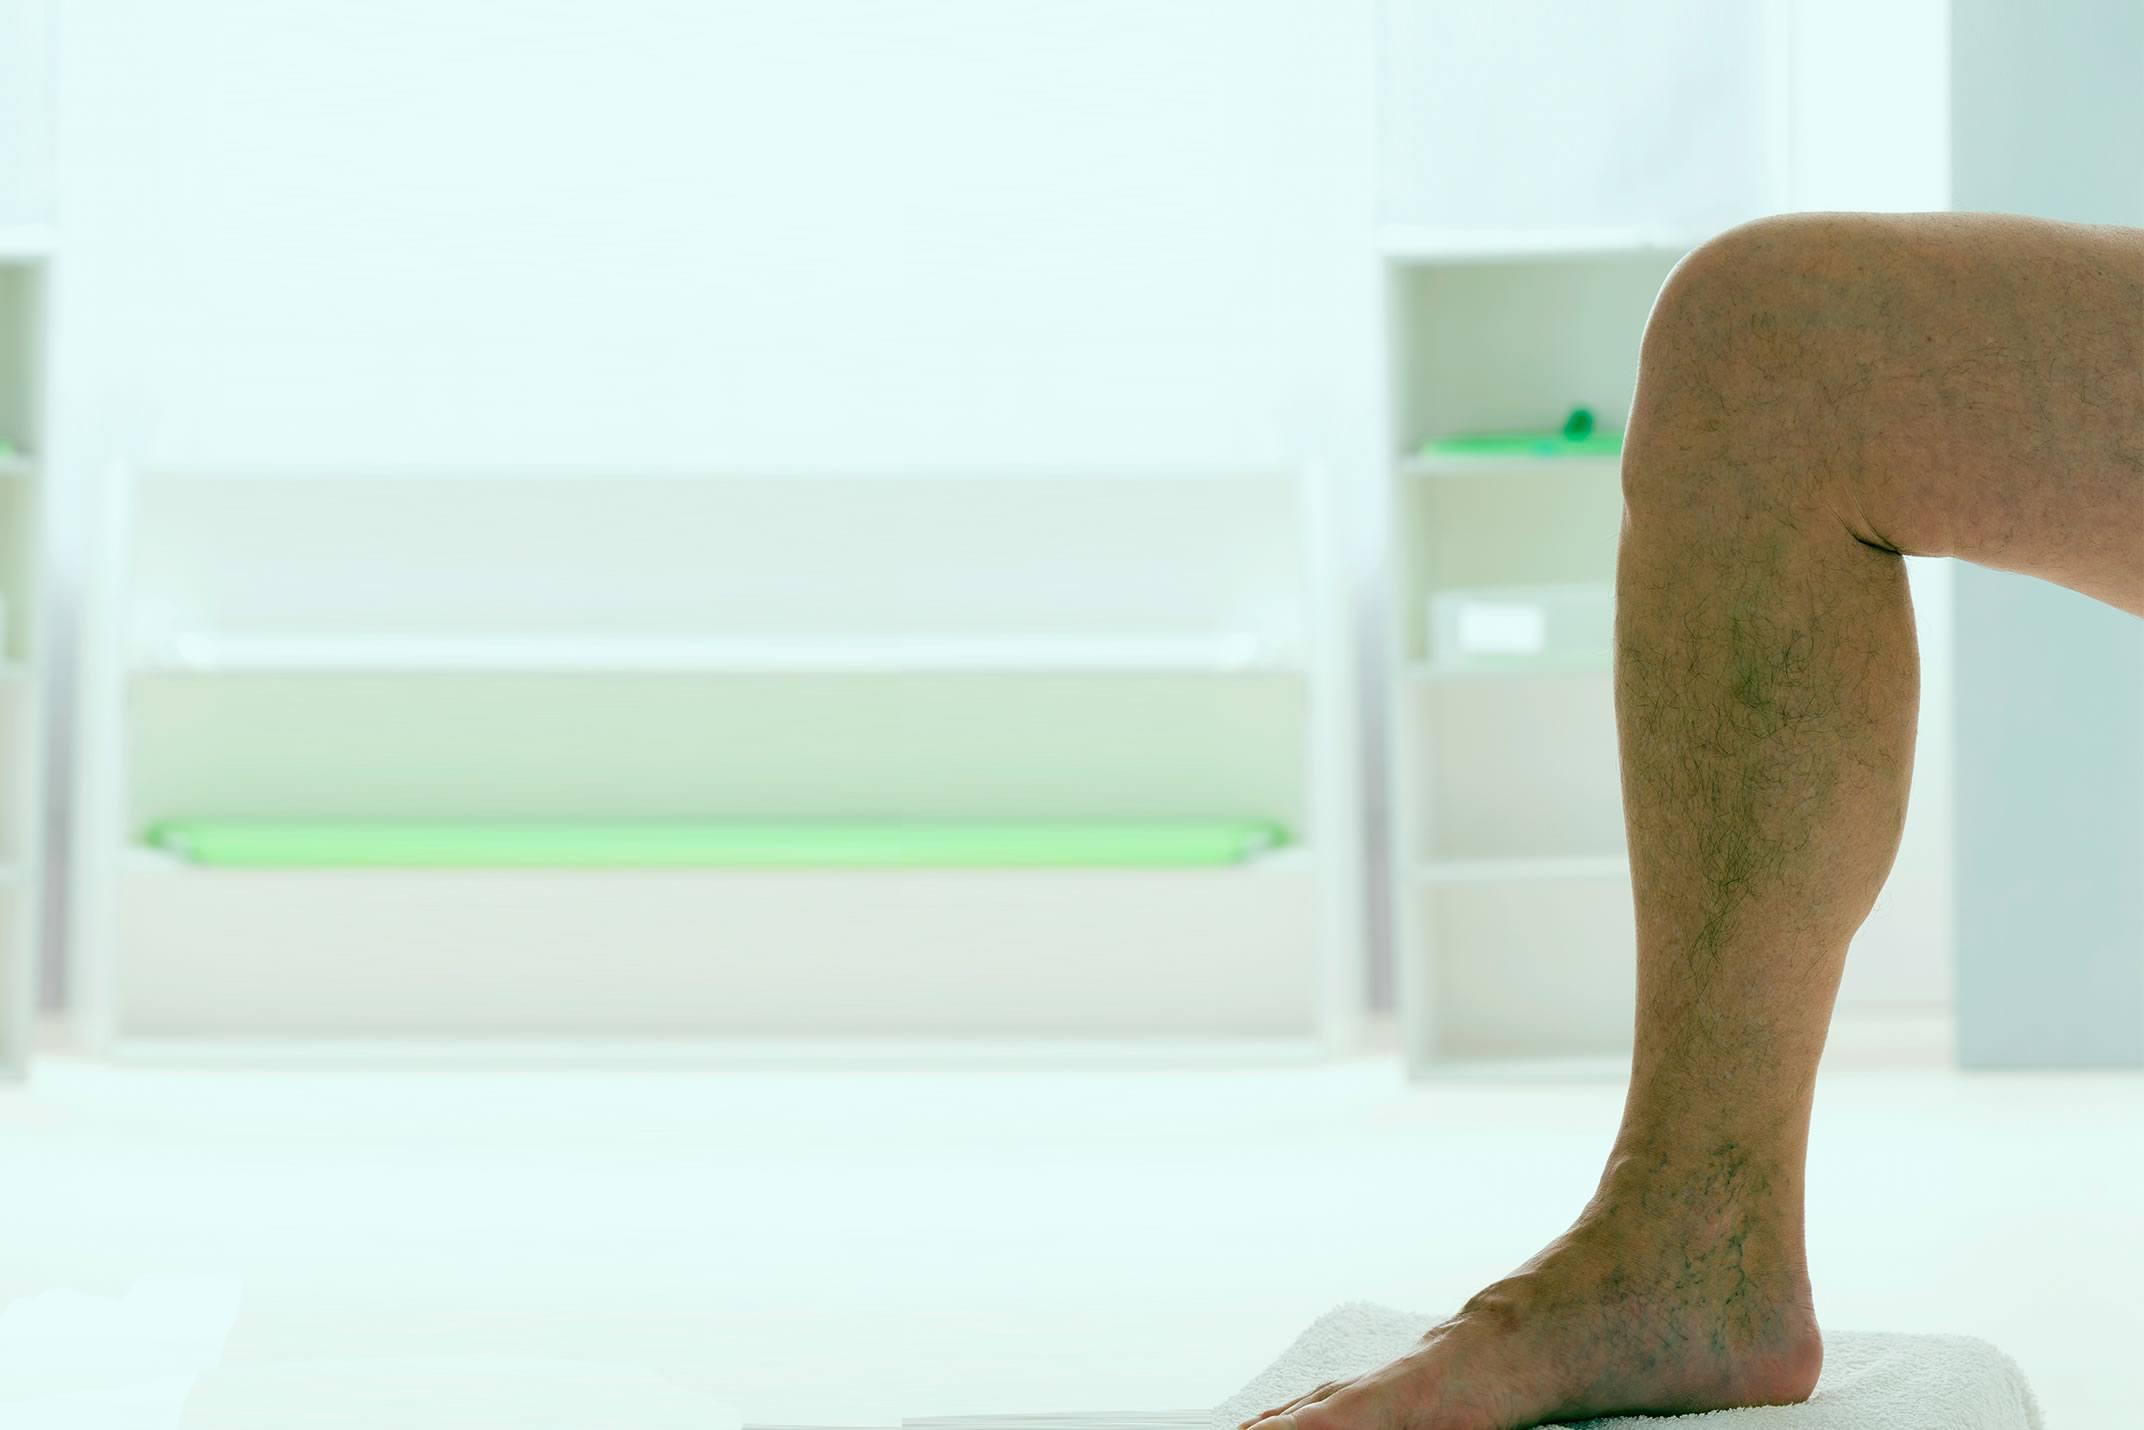 Escleroterapia Com Glicose: A Solução Para os Vasinhos que Surgem nas Pernas